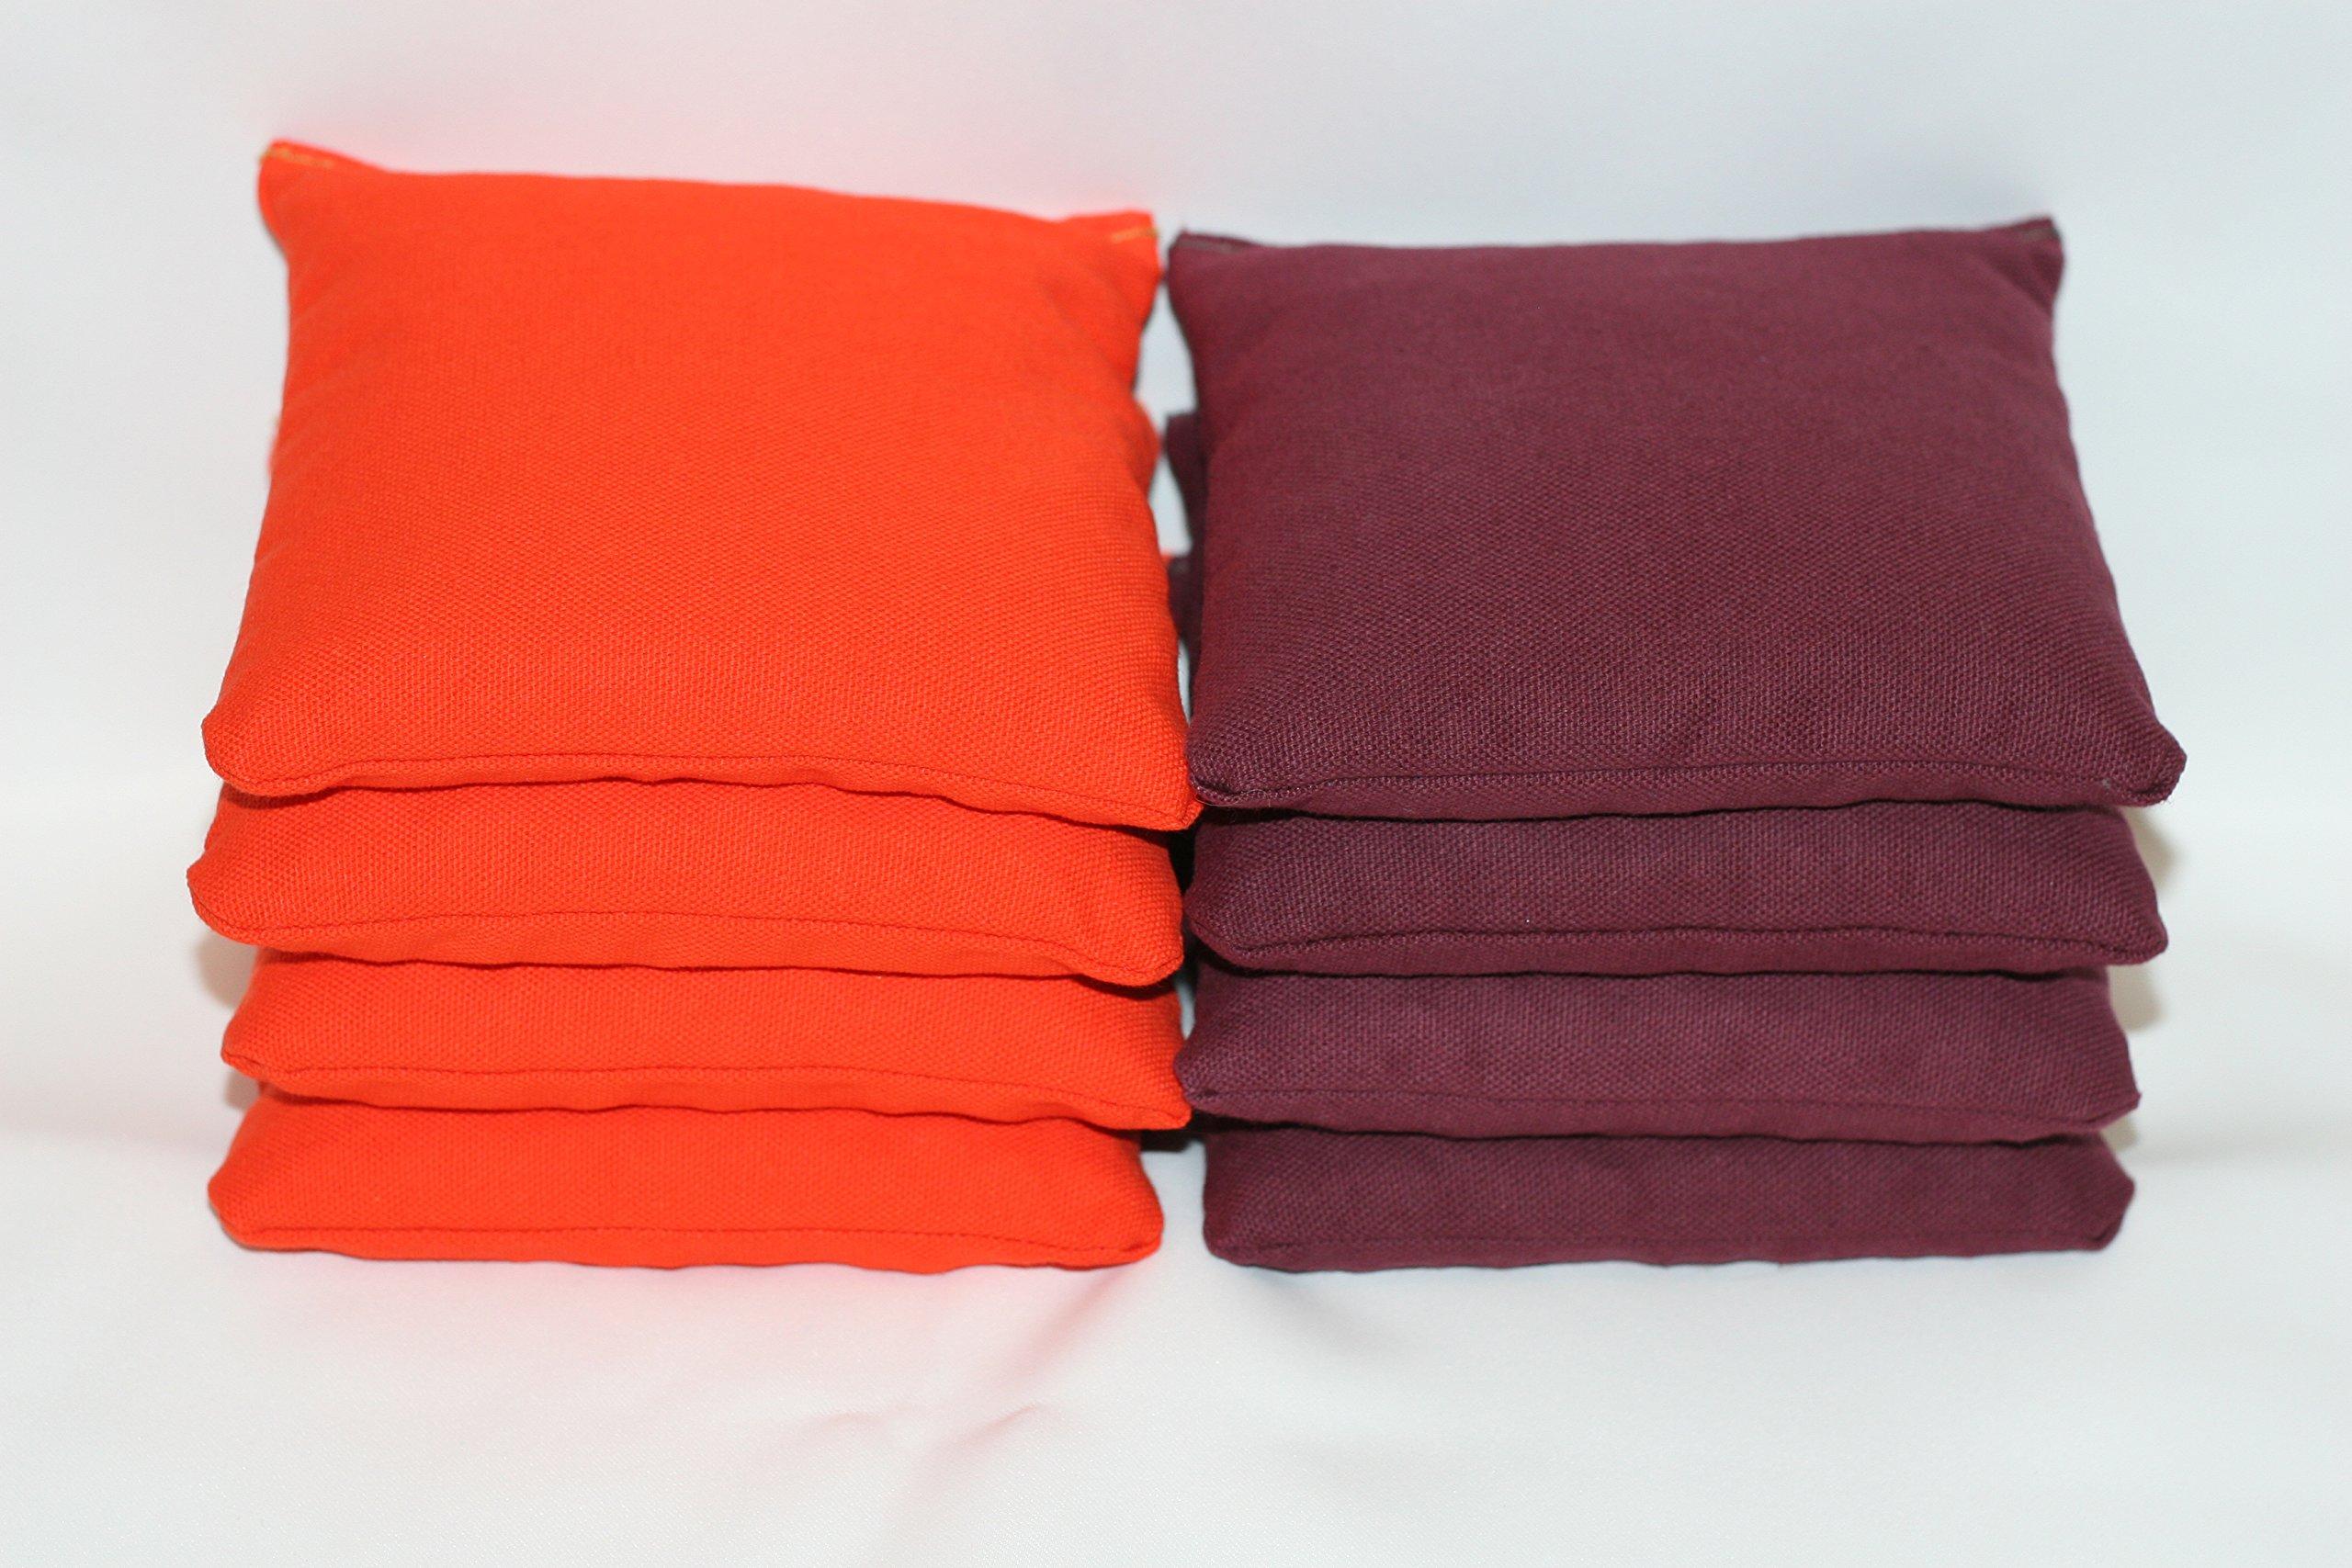 Free Donkey Sports ACA Regulation Cornhole Bags (Set of 8) (Burgundy and Orange) by Free Donkey Sports